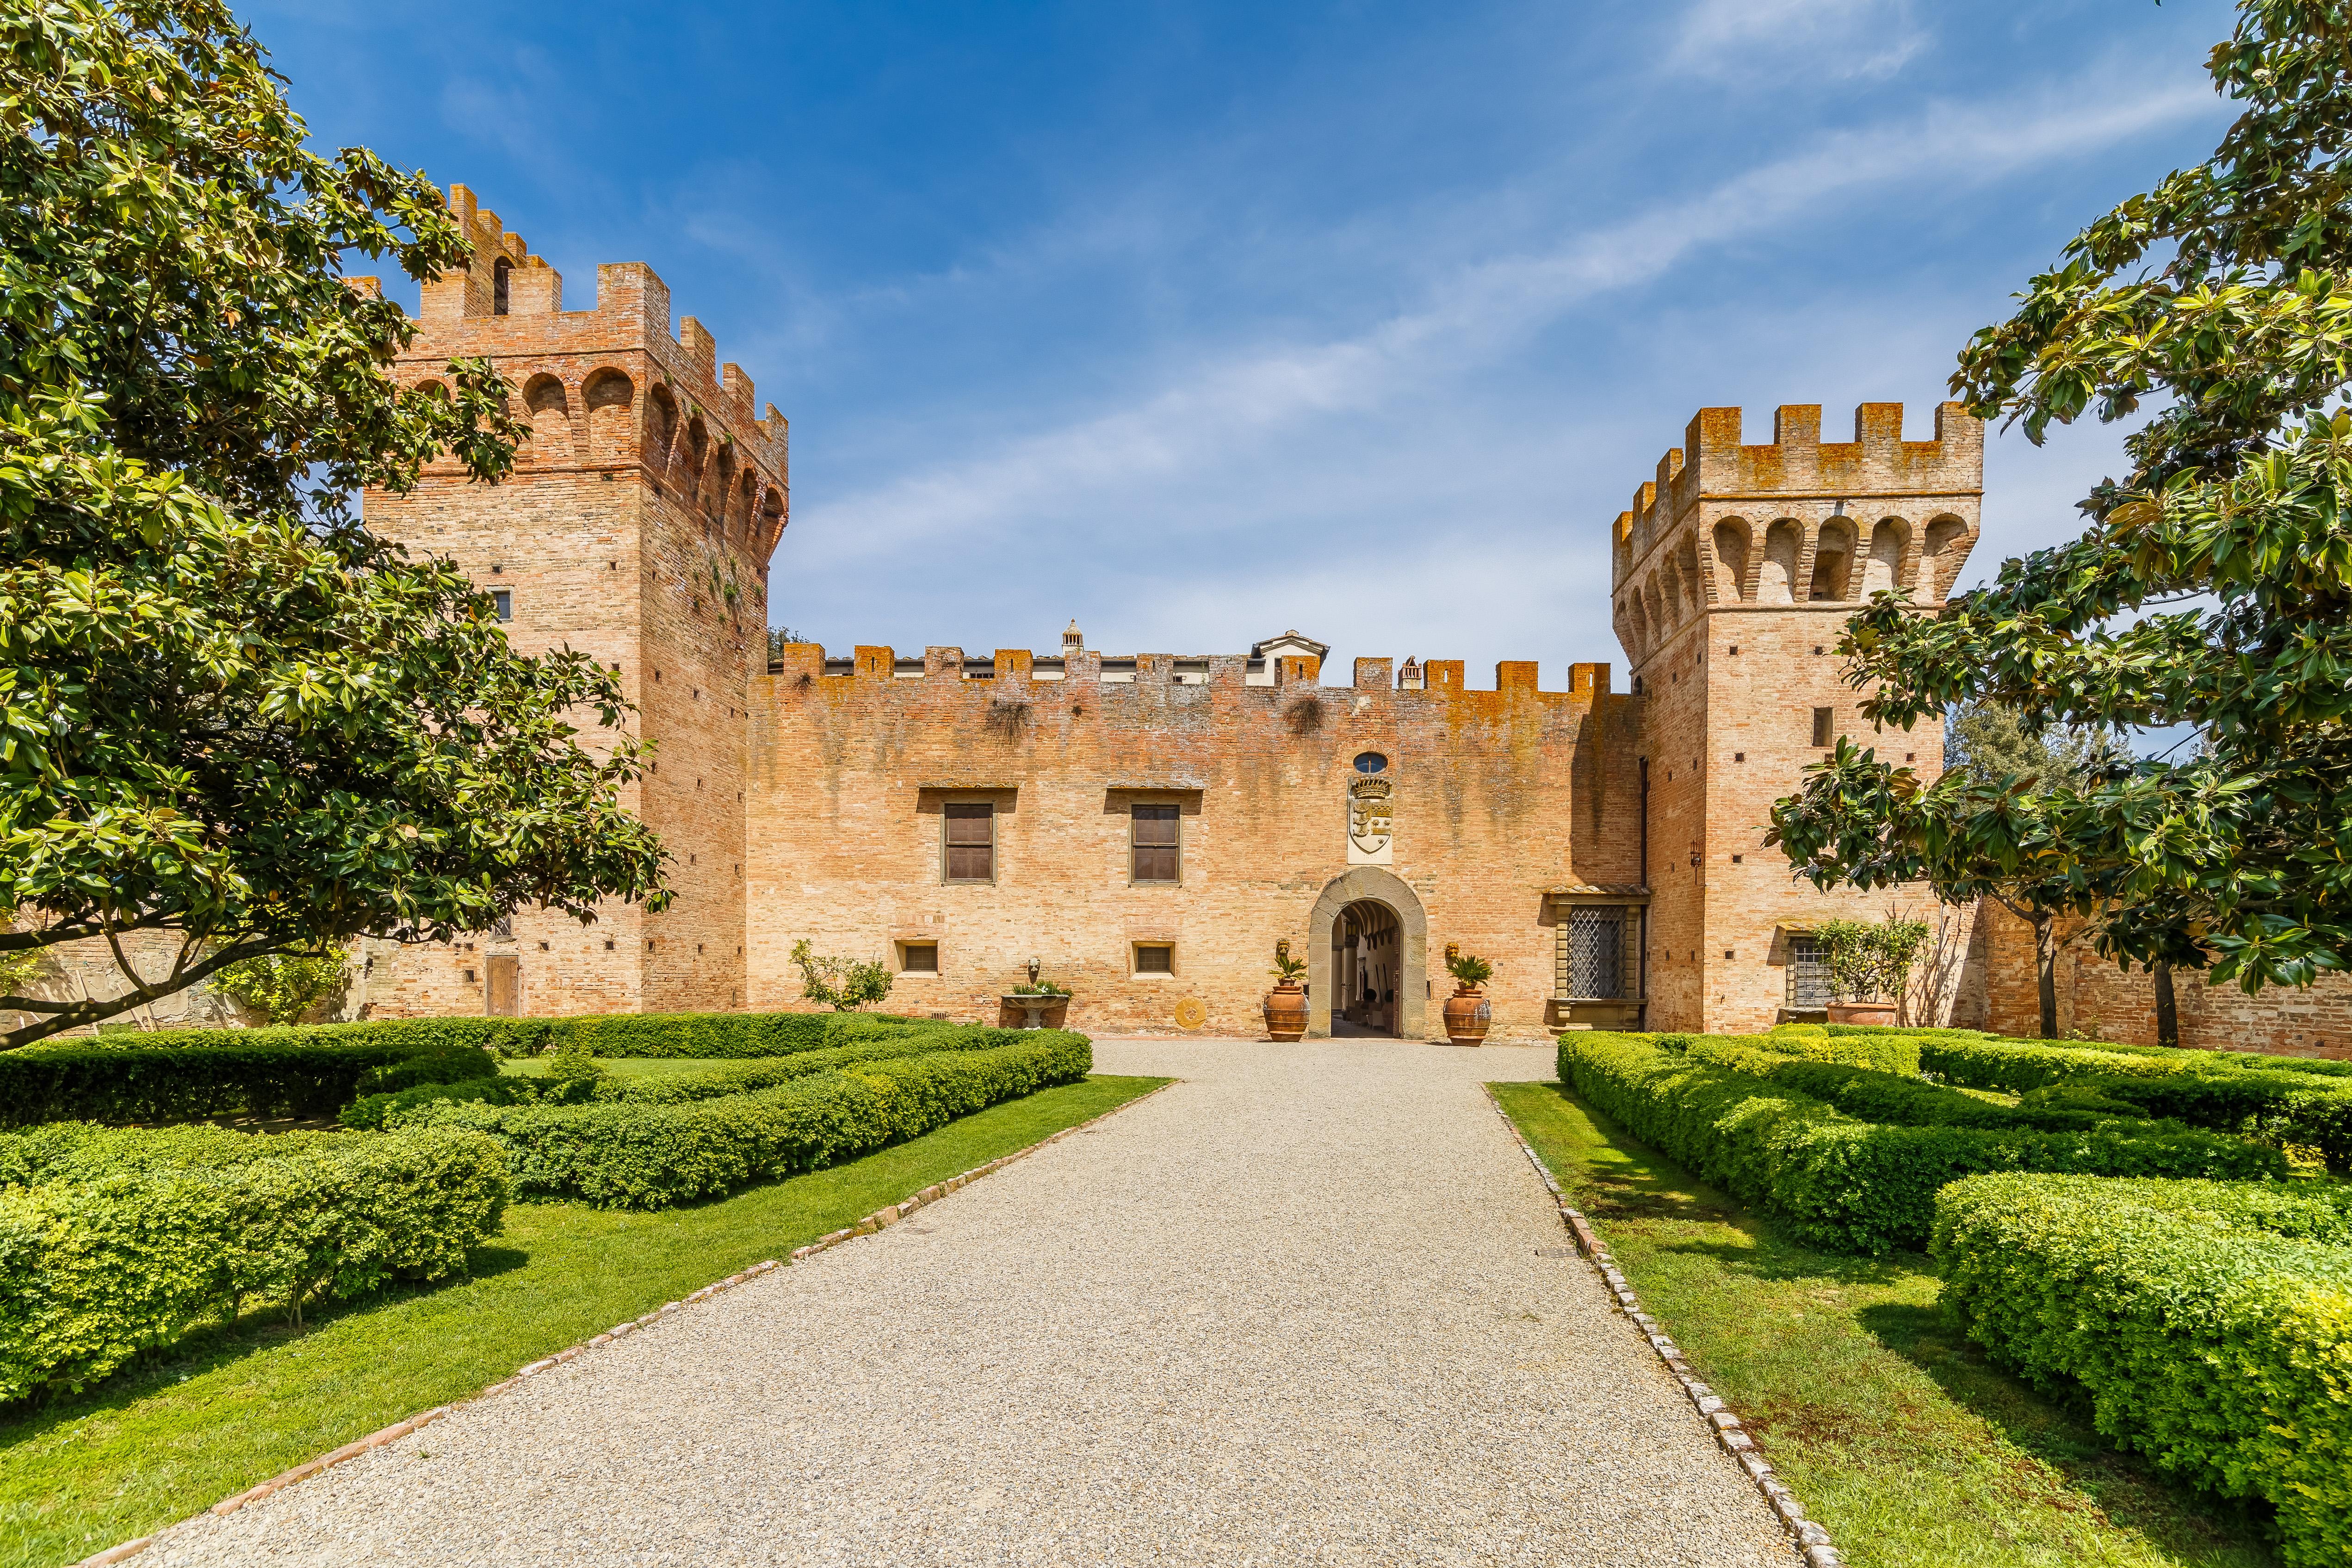 O Castelo de Oliveto, Toscana (Itália) / Lionard Luxury real estate